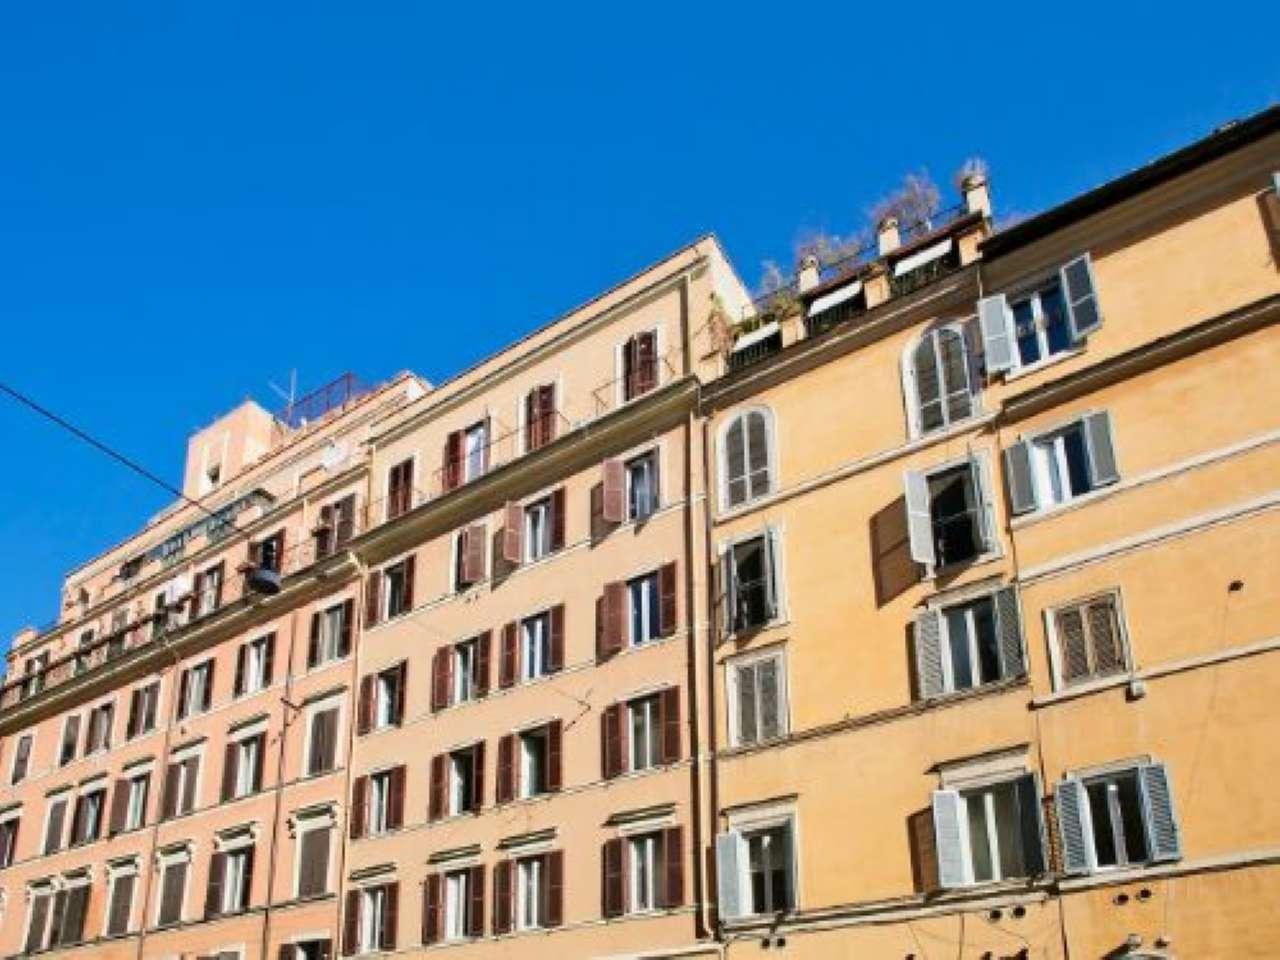 Attico / Mansarda in vendita a Roma, 4 locali, zona Zona: 1 . Centro storico, prezzo € 1.180.000 | CambioCasa.it